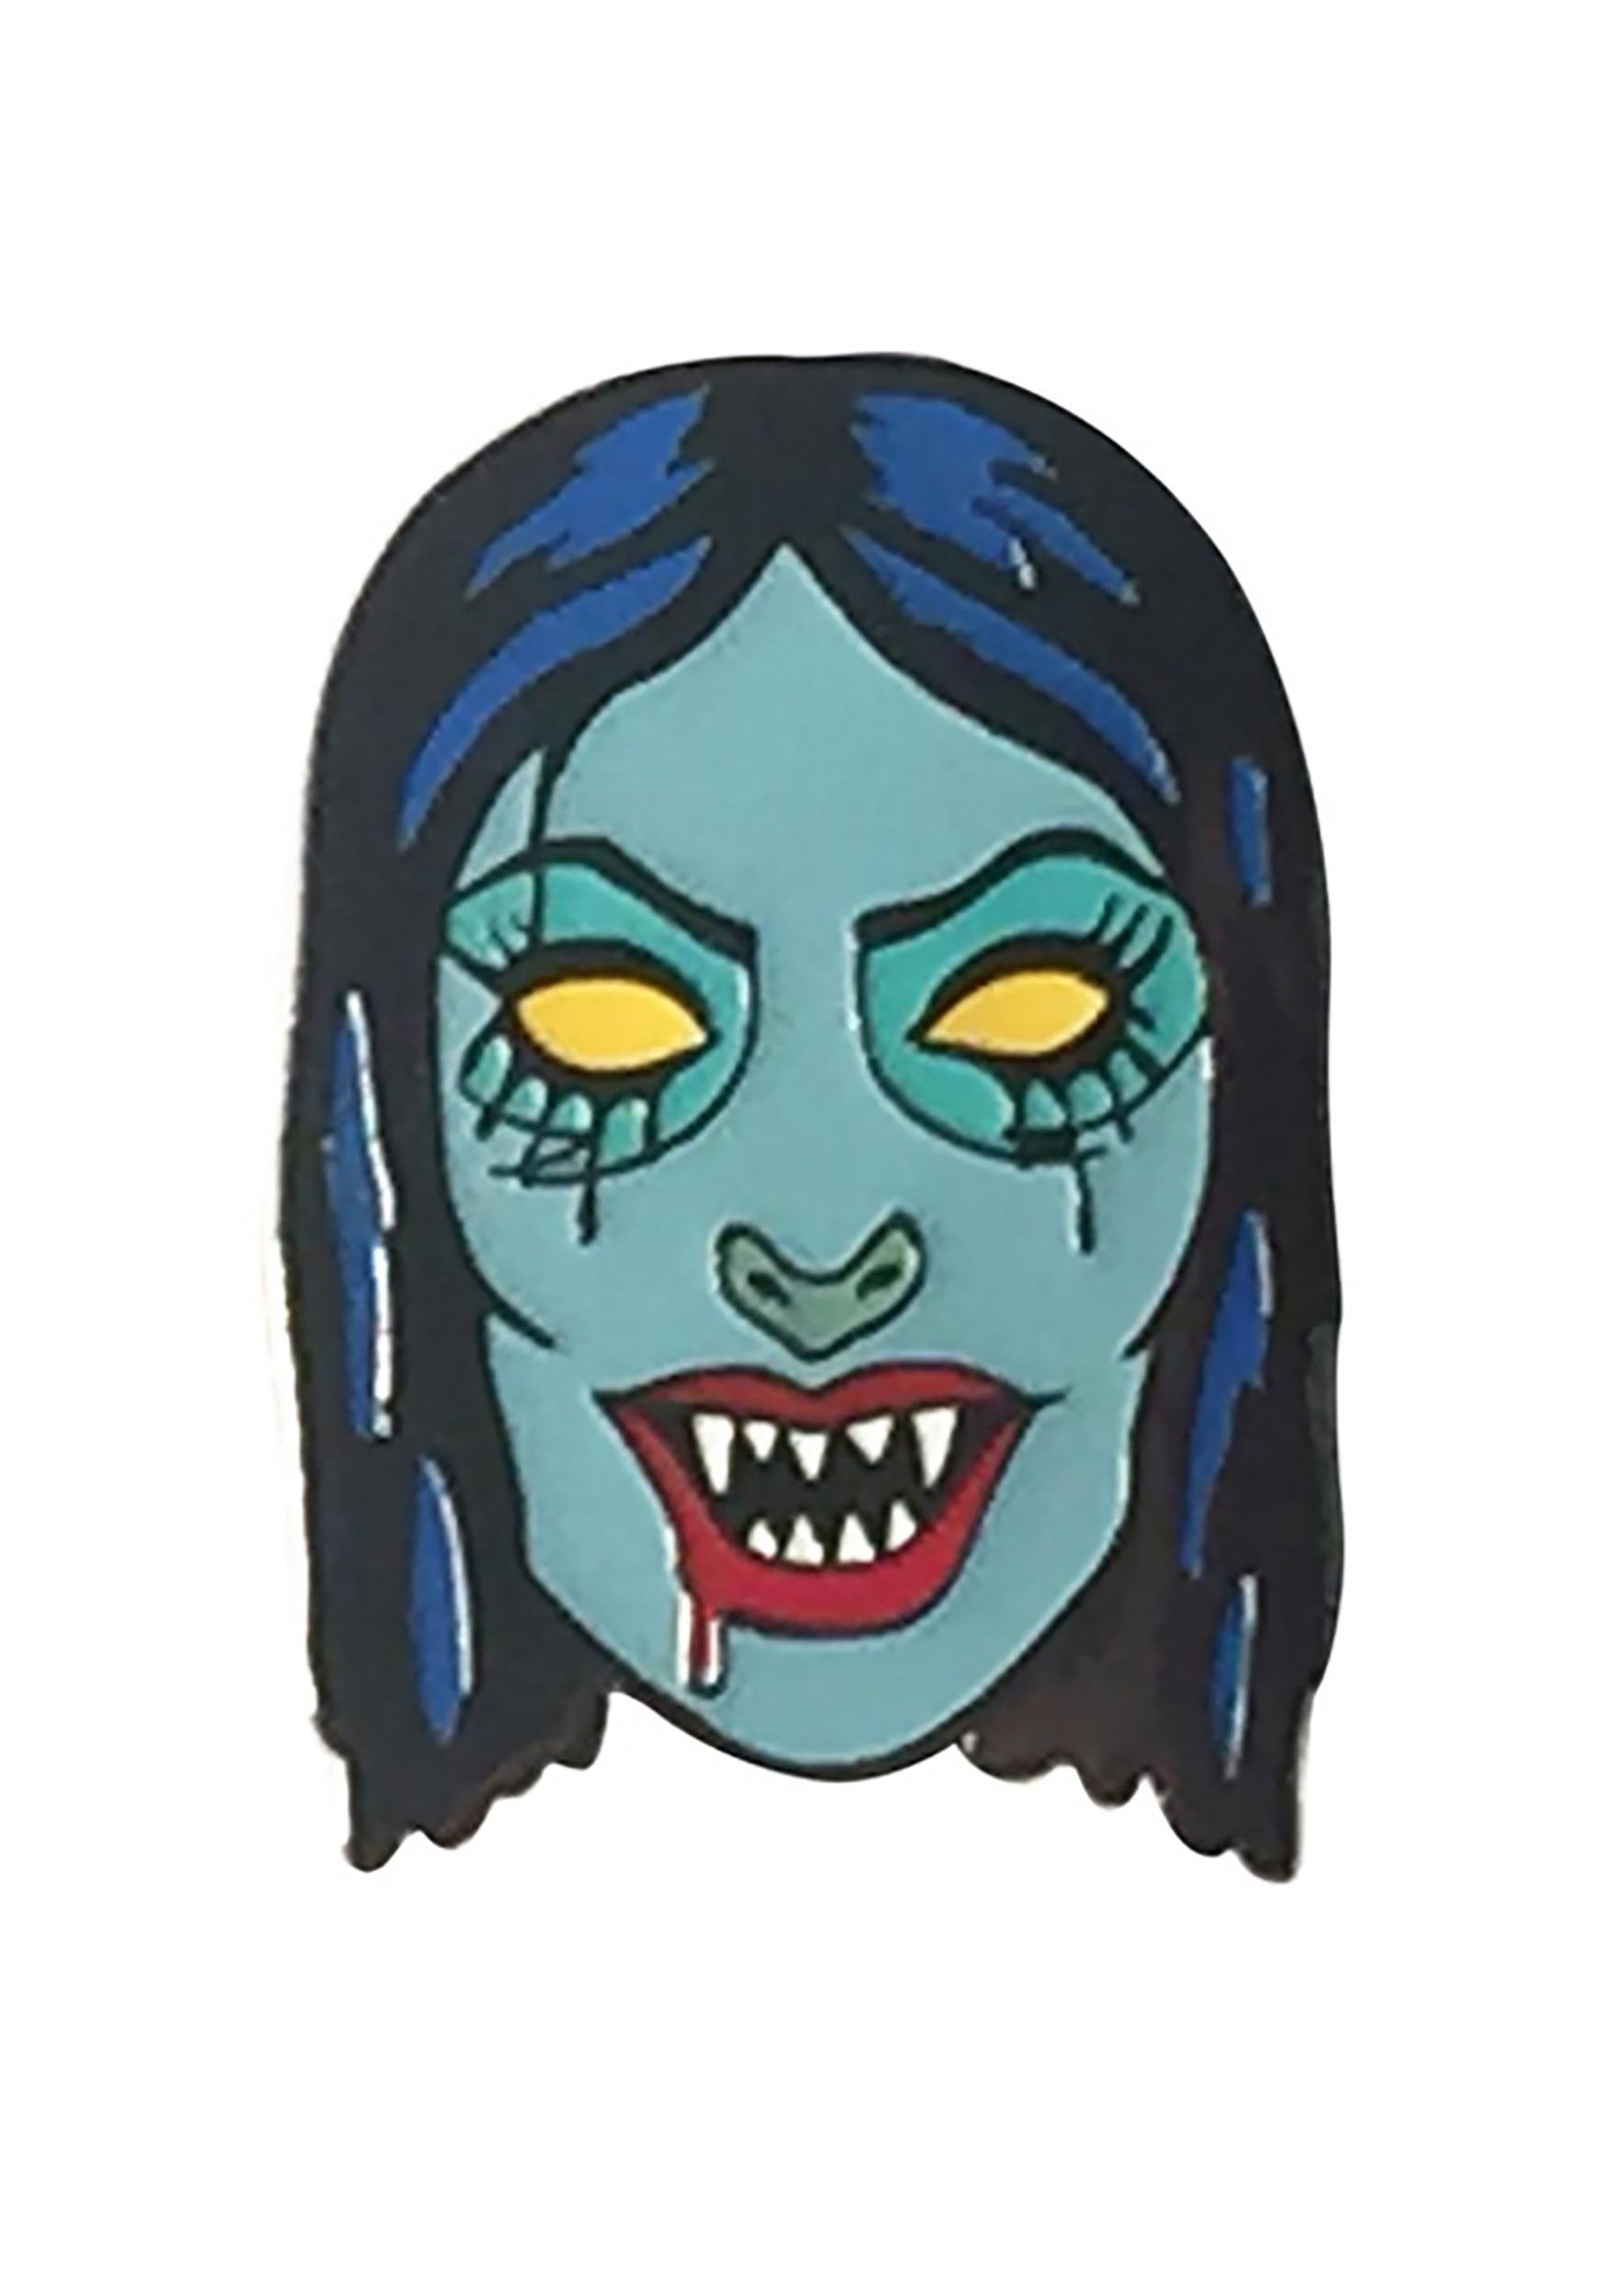 Ghoulsville Vampyra Girl Halloween Enamel Pin